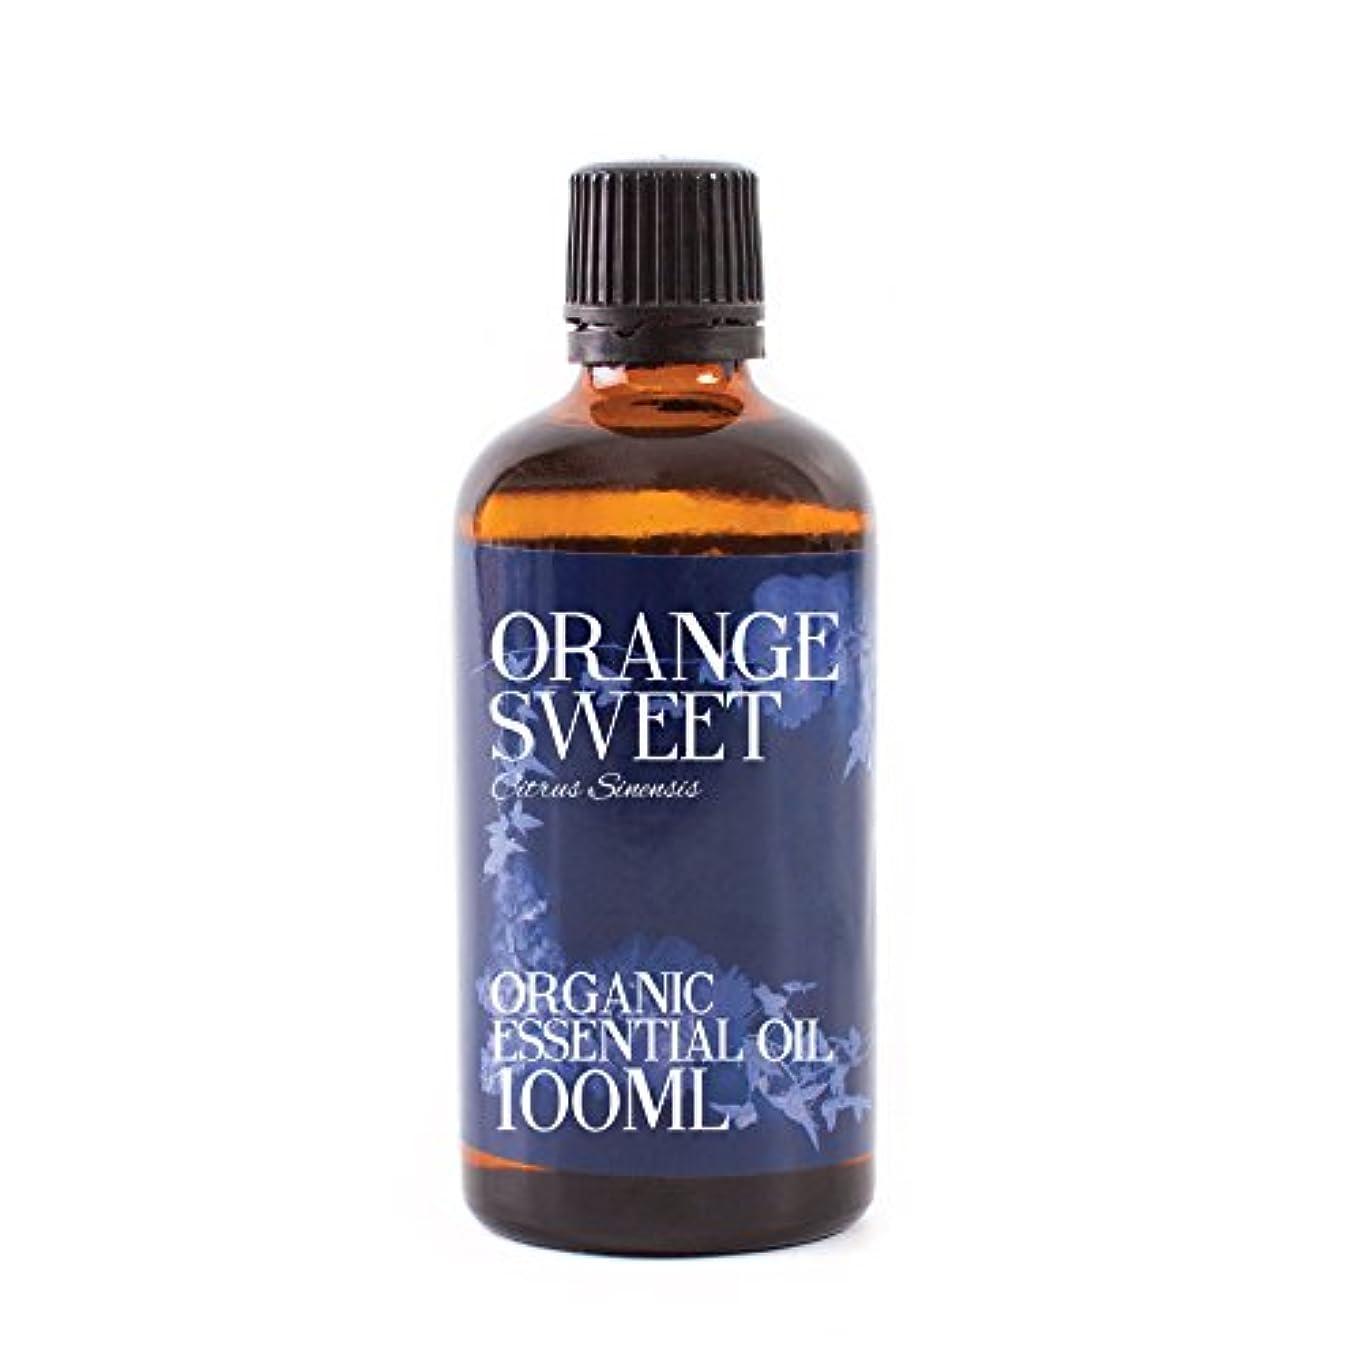 持続するアスレチック盲目Mystic Moments | Orange Sweet Organic Essential Oil - 100ml - 100% Pure